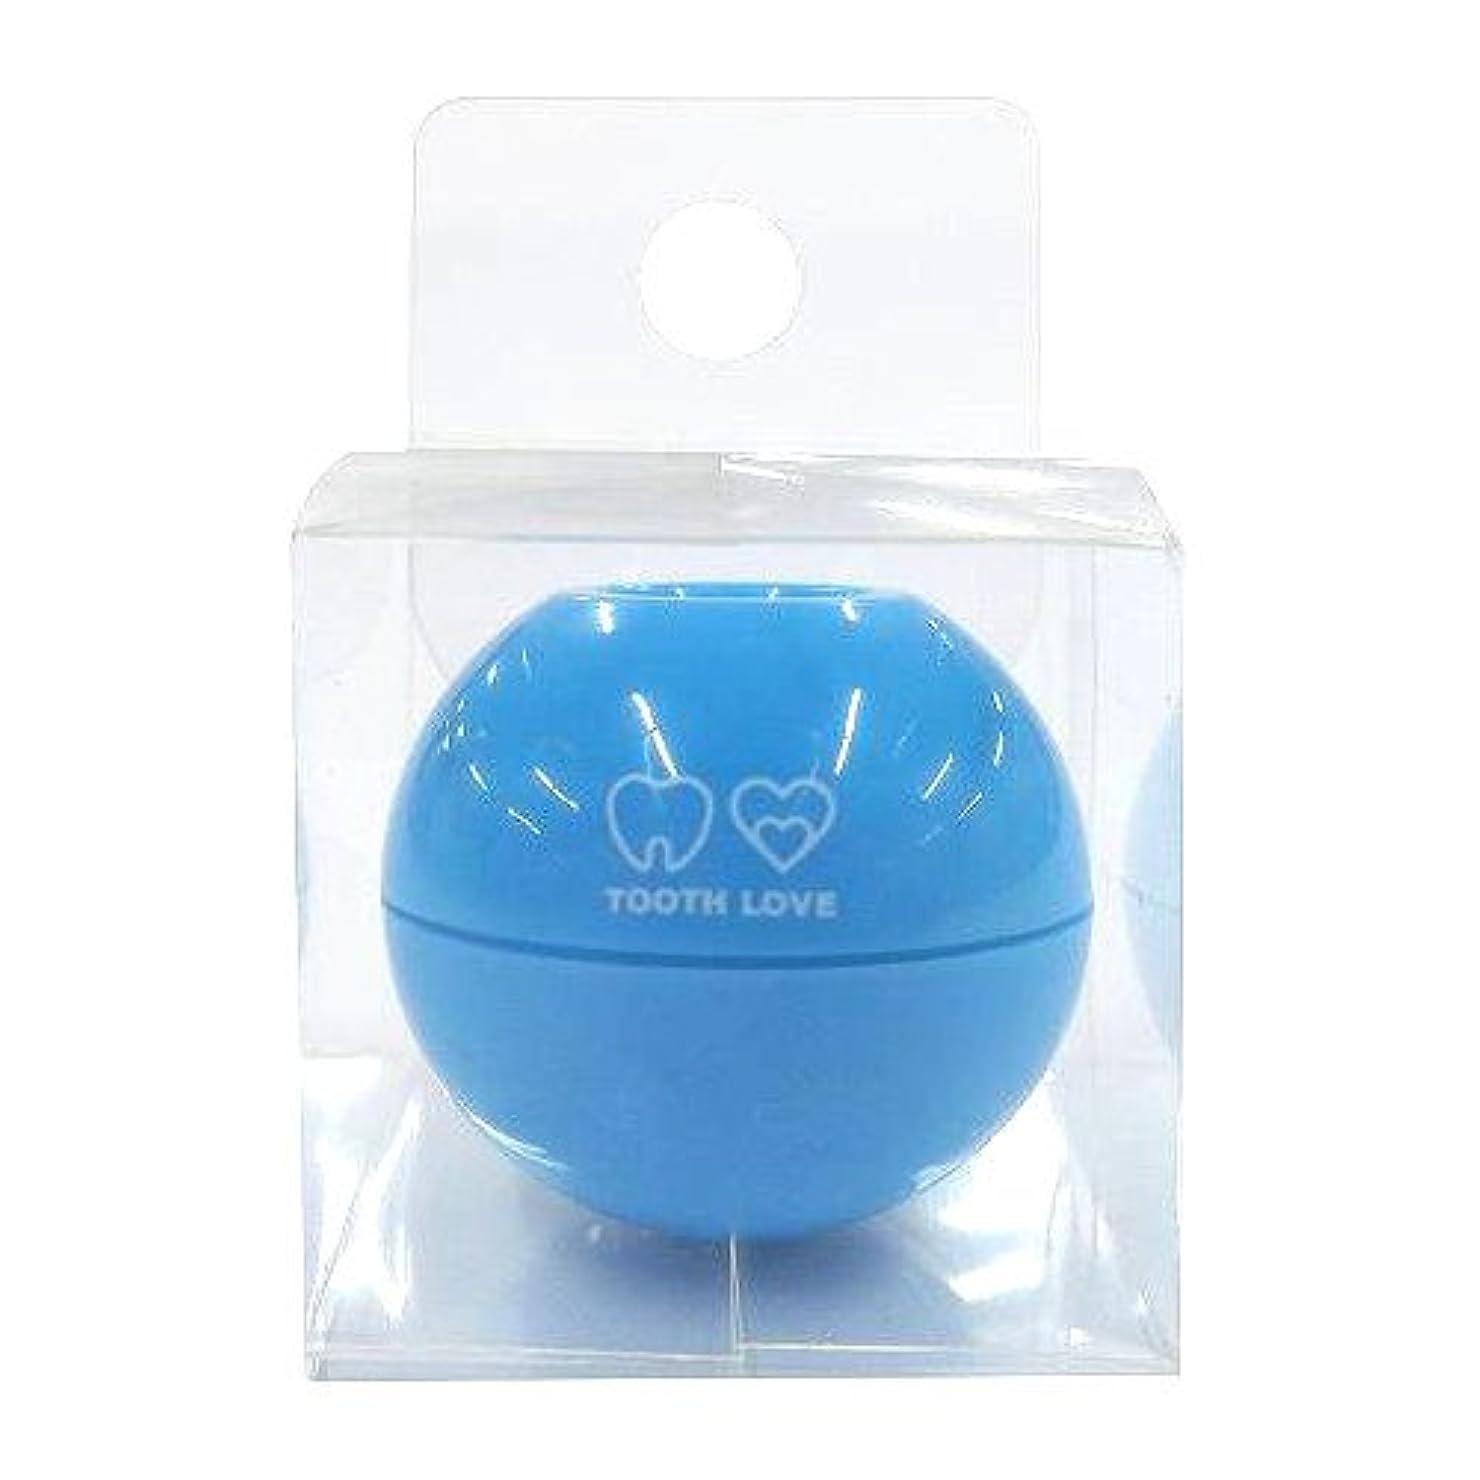 まともな実装するマナーTOOTH LOVE BALL ホルダー (歯間ブラシホルダー) ブルー